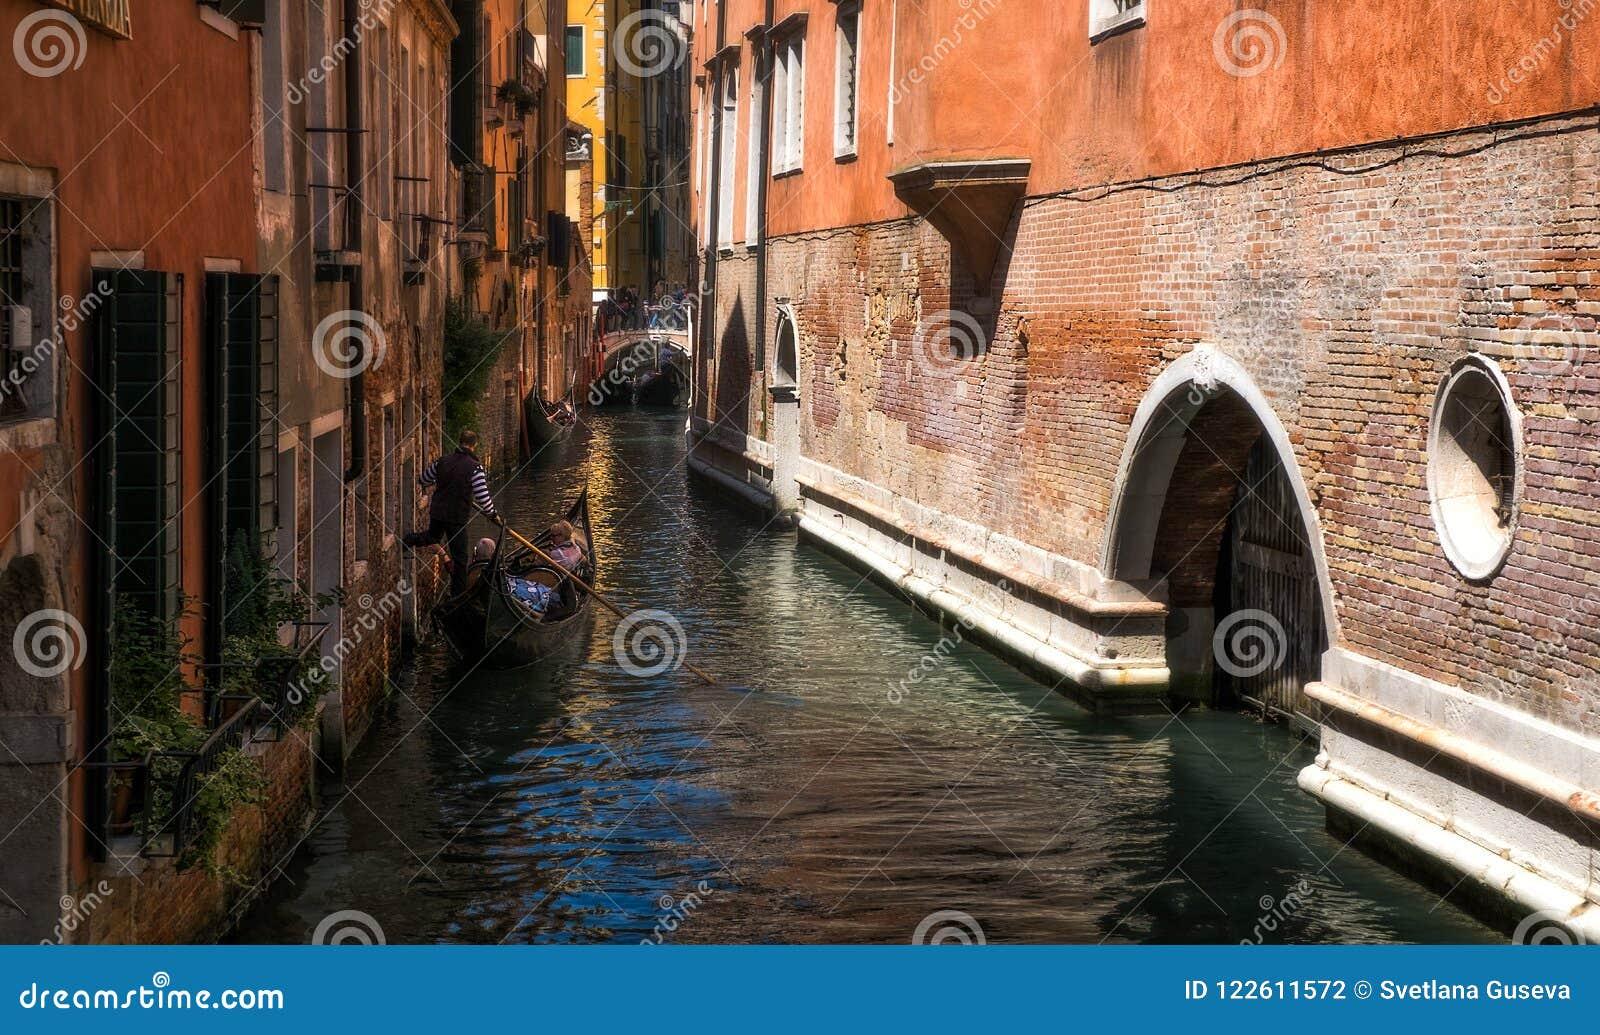 Hemliga hörn av kanalerna av Venedig